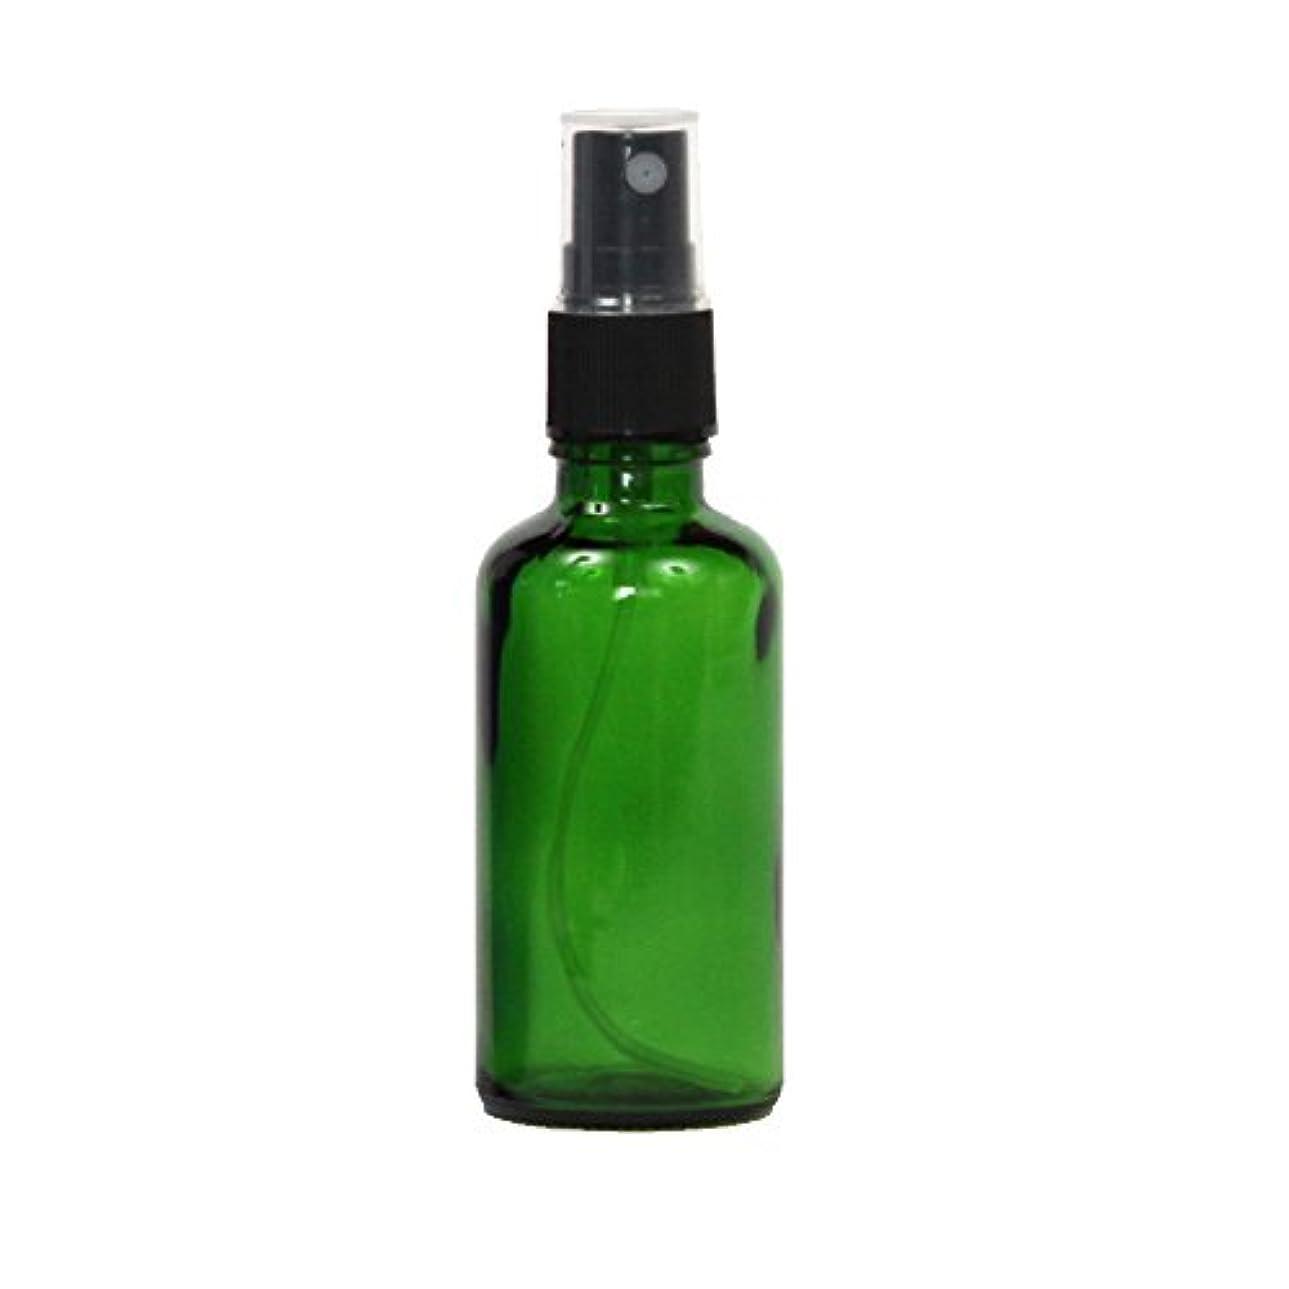 並外れたボーナスアナロジースプレーボトル容器 ガラス瓶 50mL 遮光性グリーン ガラスアトマイザー 空容器gr50g